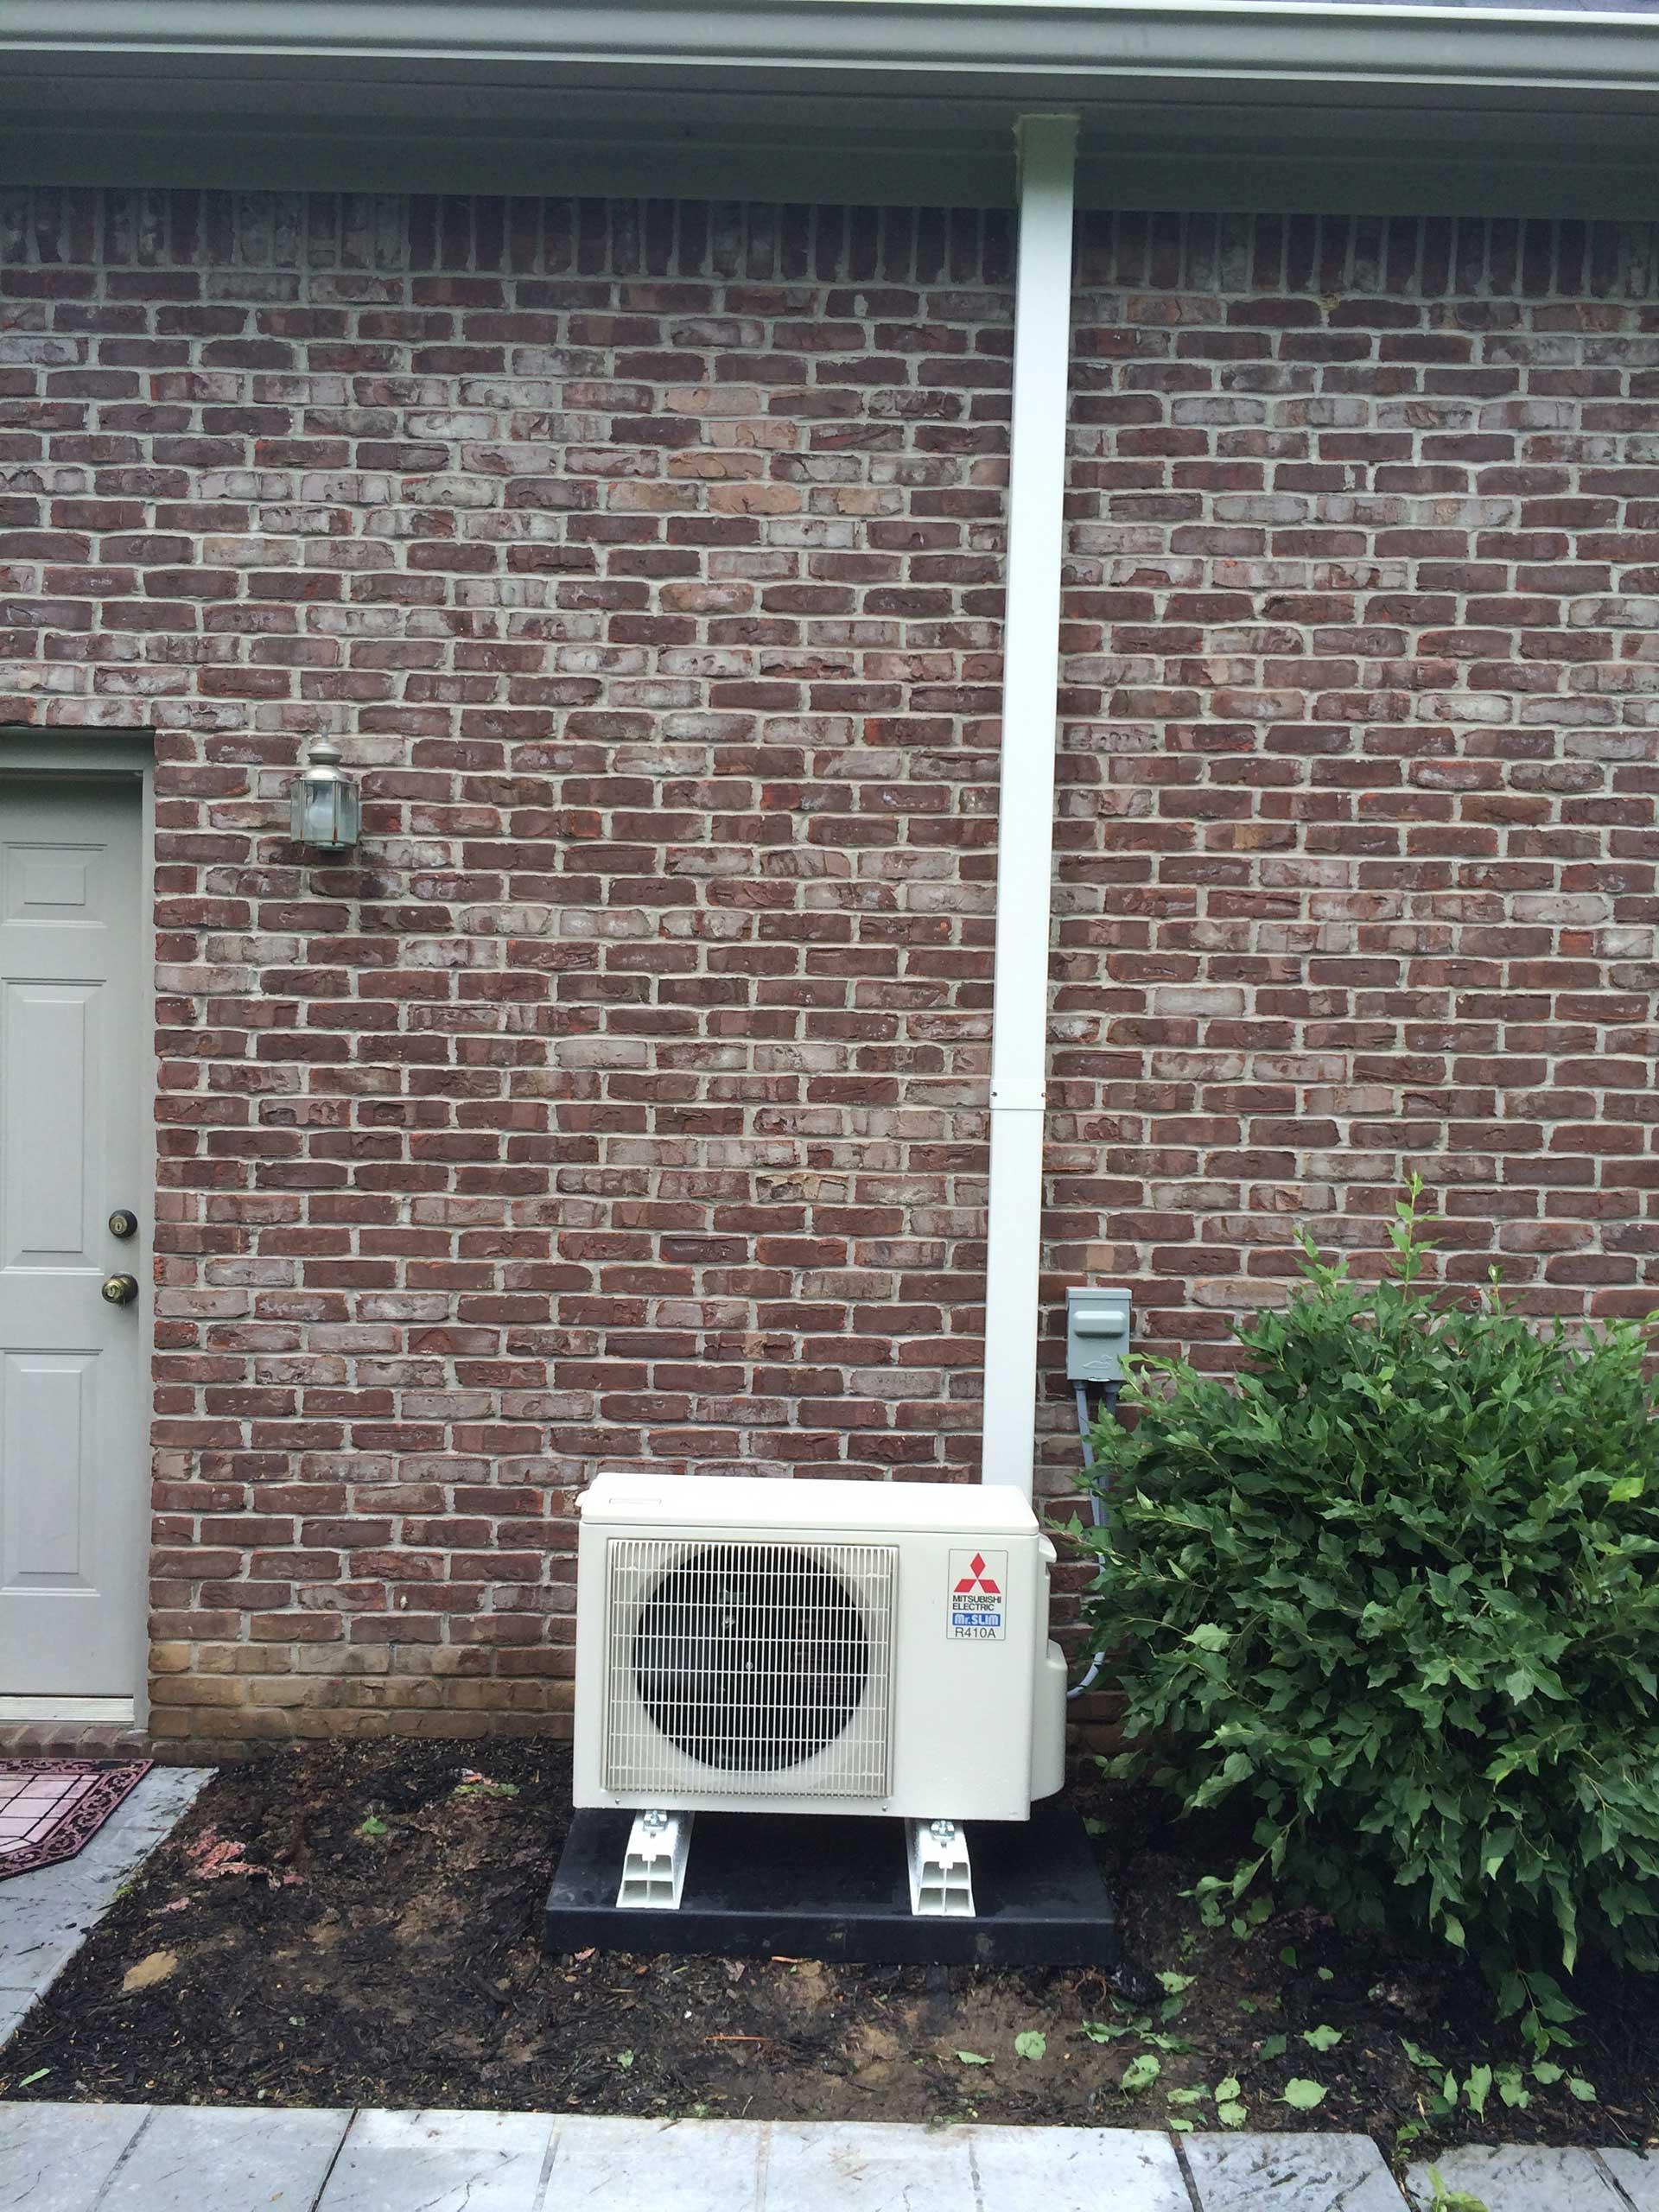 Mitsubishi Ductfree Heat Pump